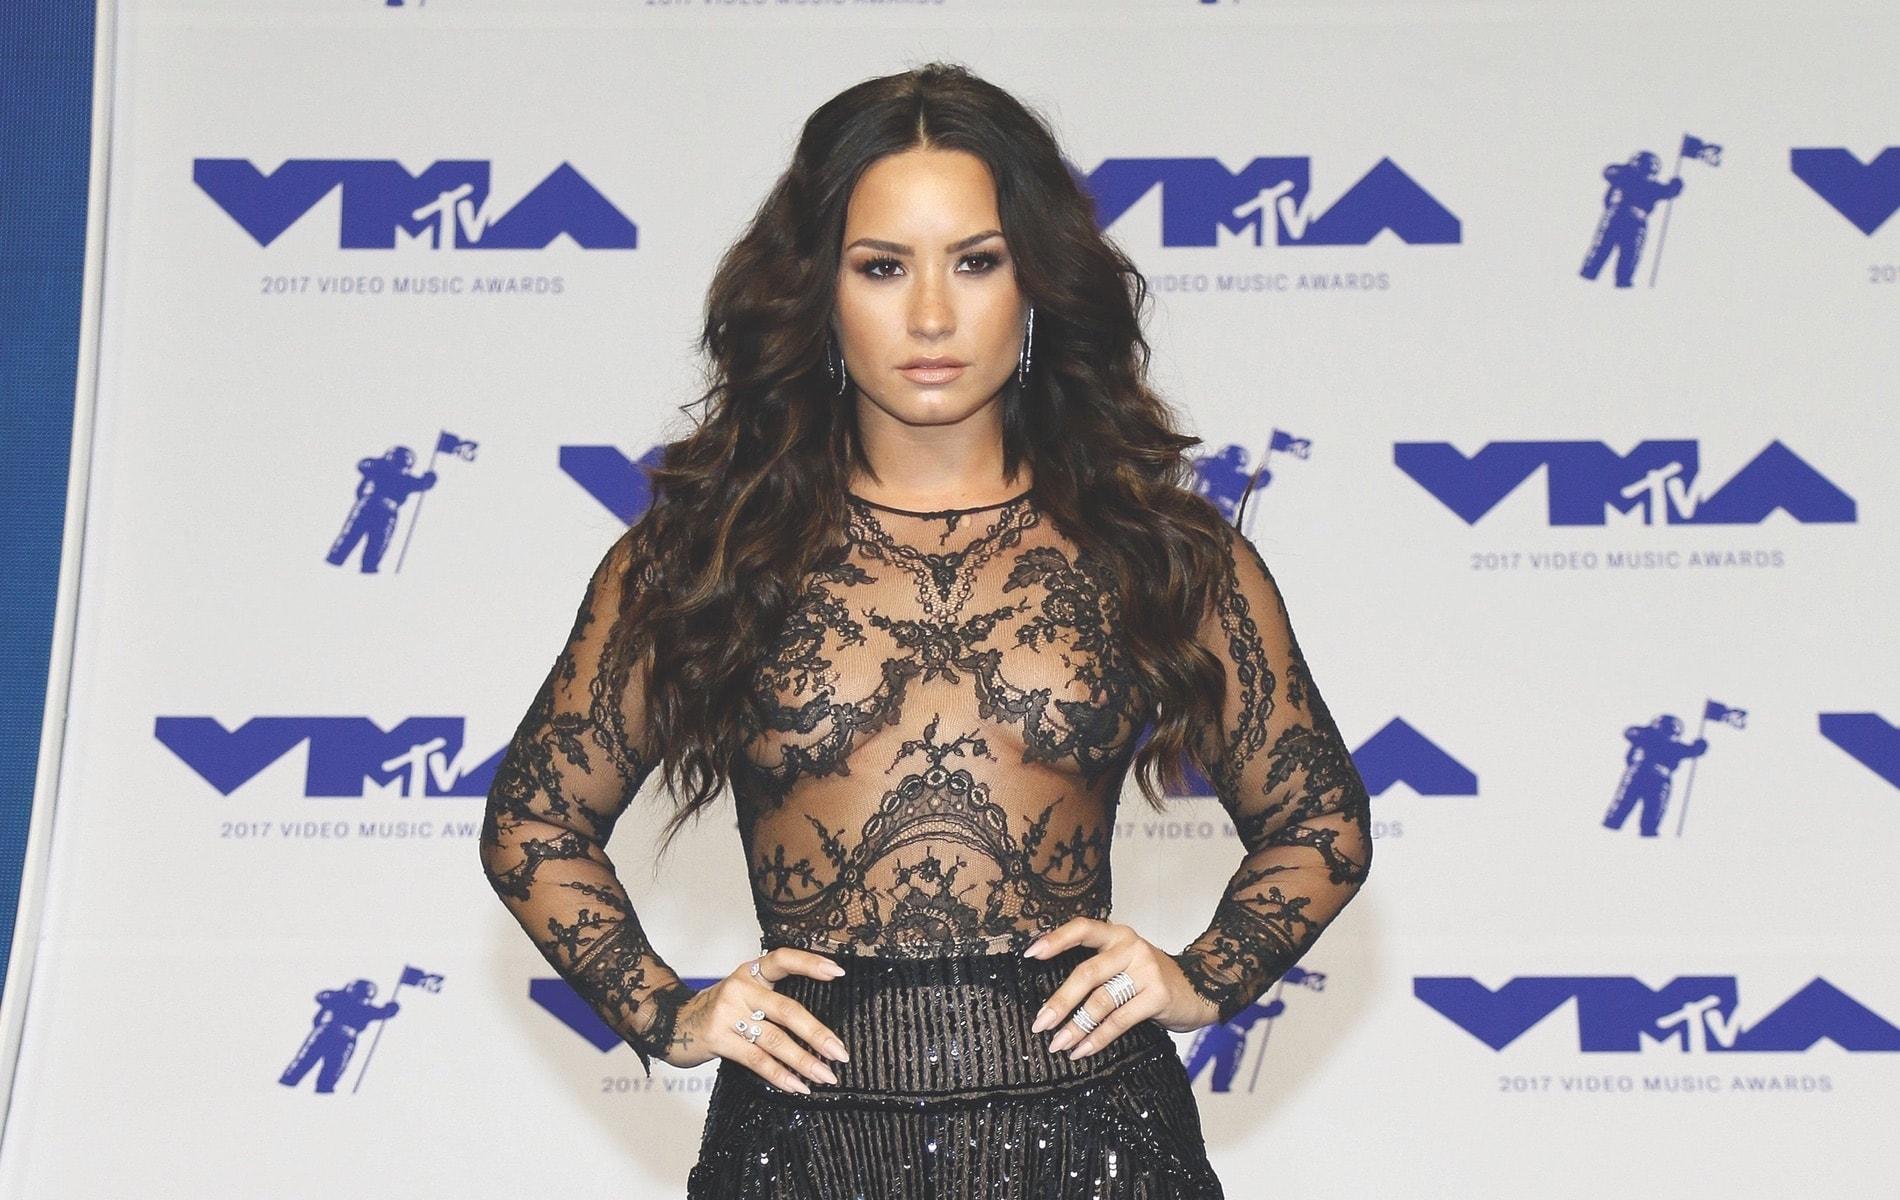 VMA 2017, VMA2017, Arts Culture and Entertainment, celebrities, music, Fashion, Awards Ceremony, demi lovato, MTV Video Music Awards, MTV, Video Music Awards, The Forum